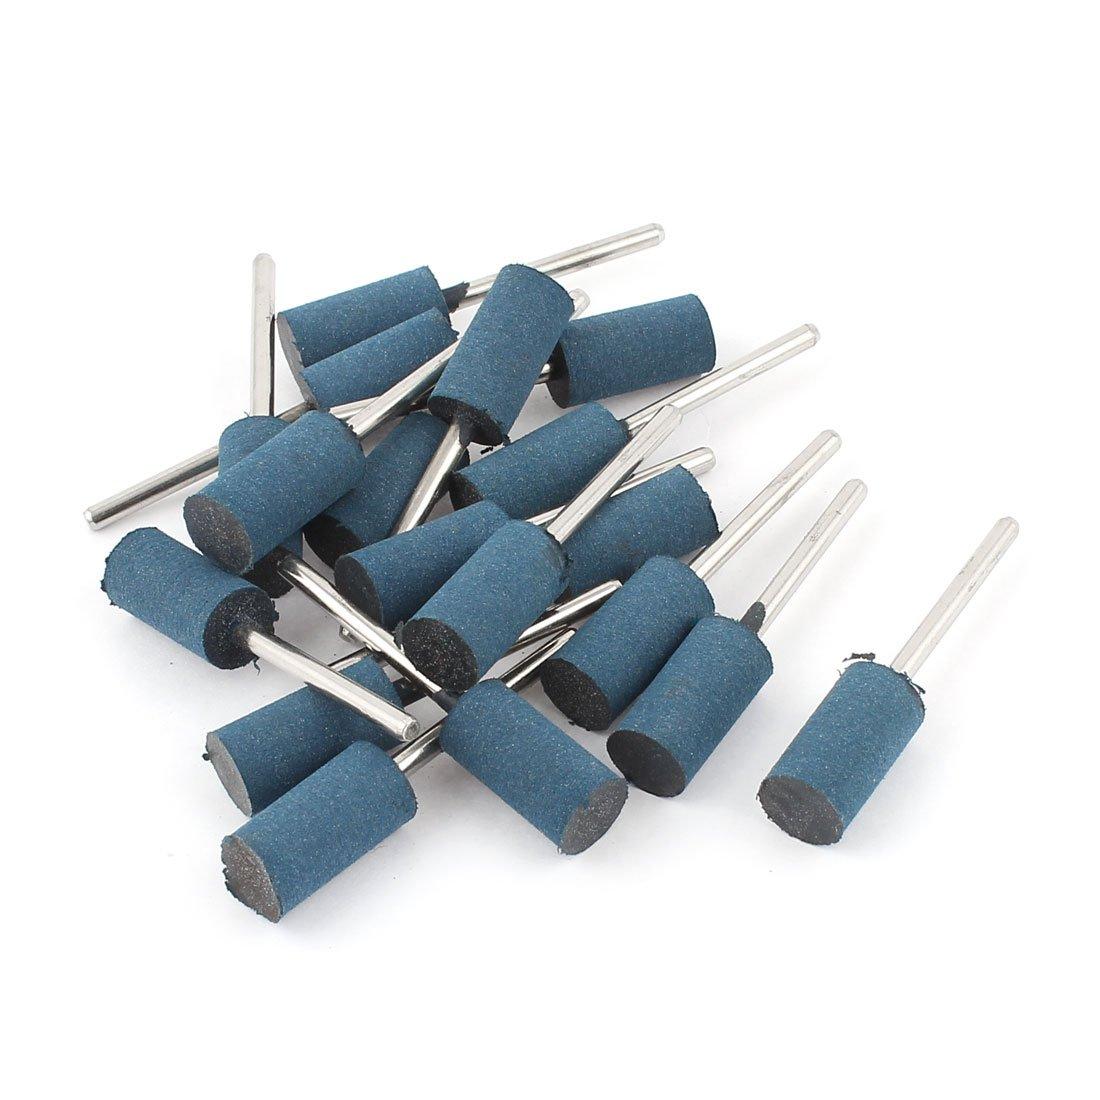 10 mm Schaft 3 mm Zylinder Kopf Schleifstift 18Pcs Kautschuk poliert Blau de